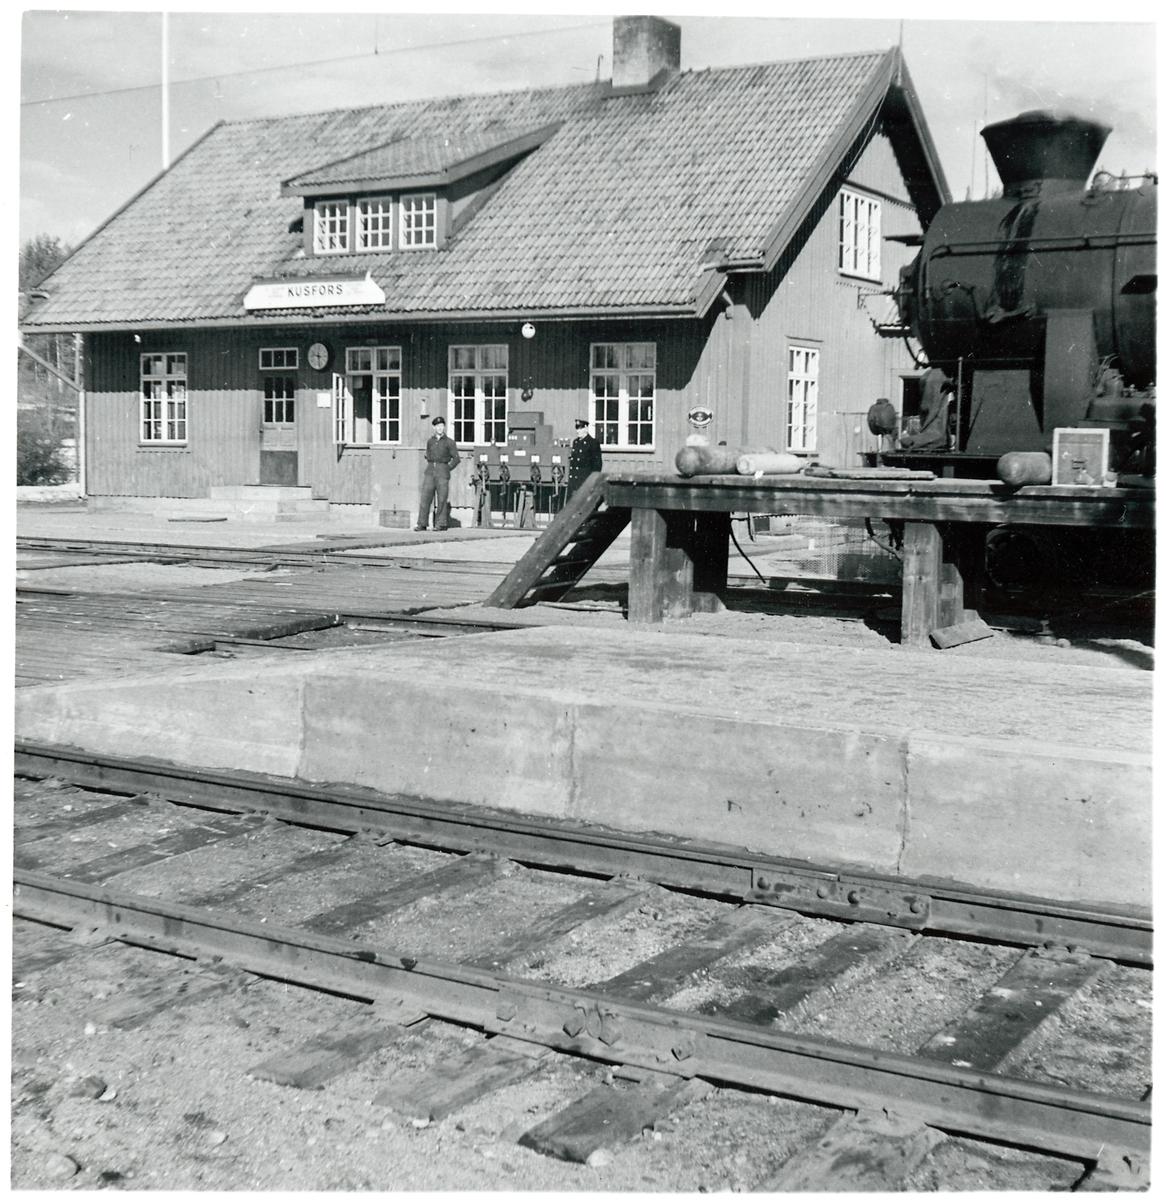 Stationshuset i Kusfors.